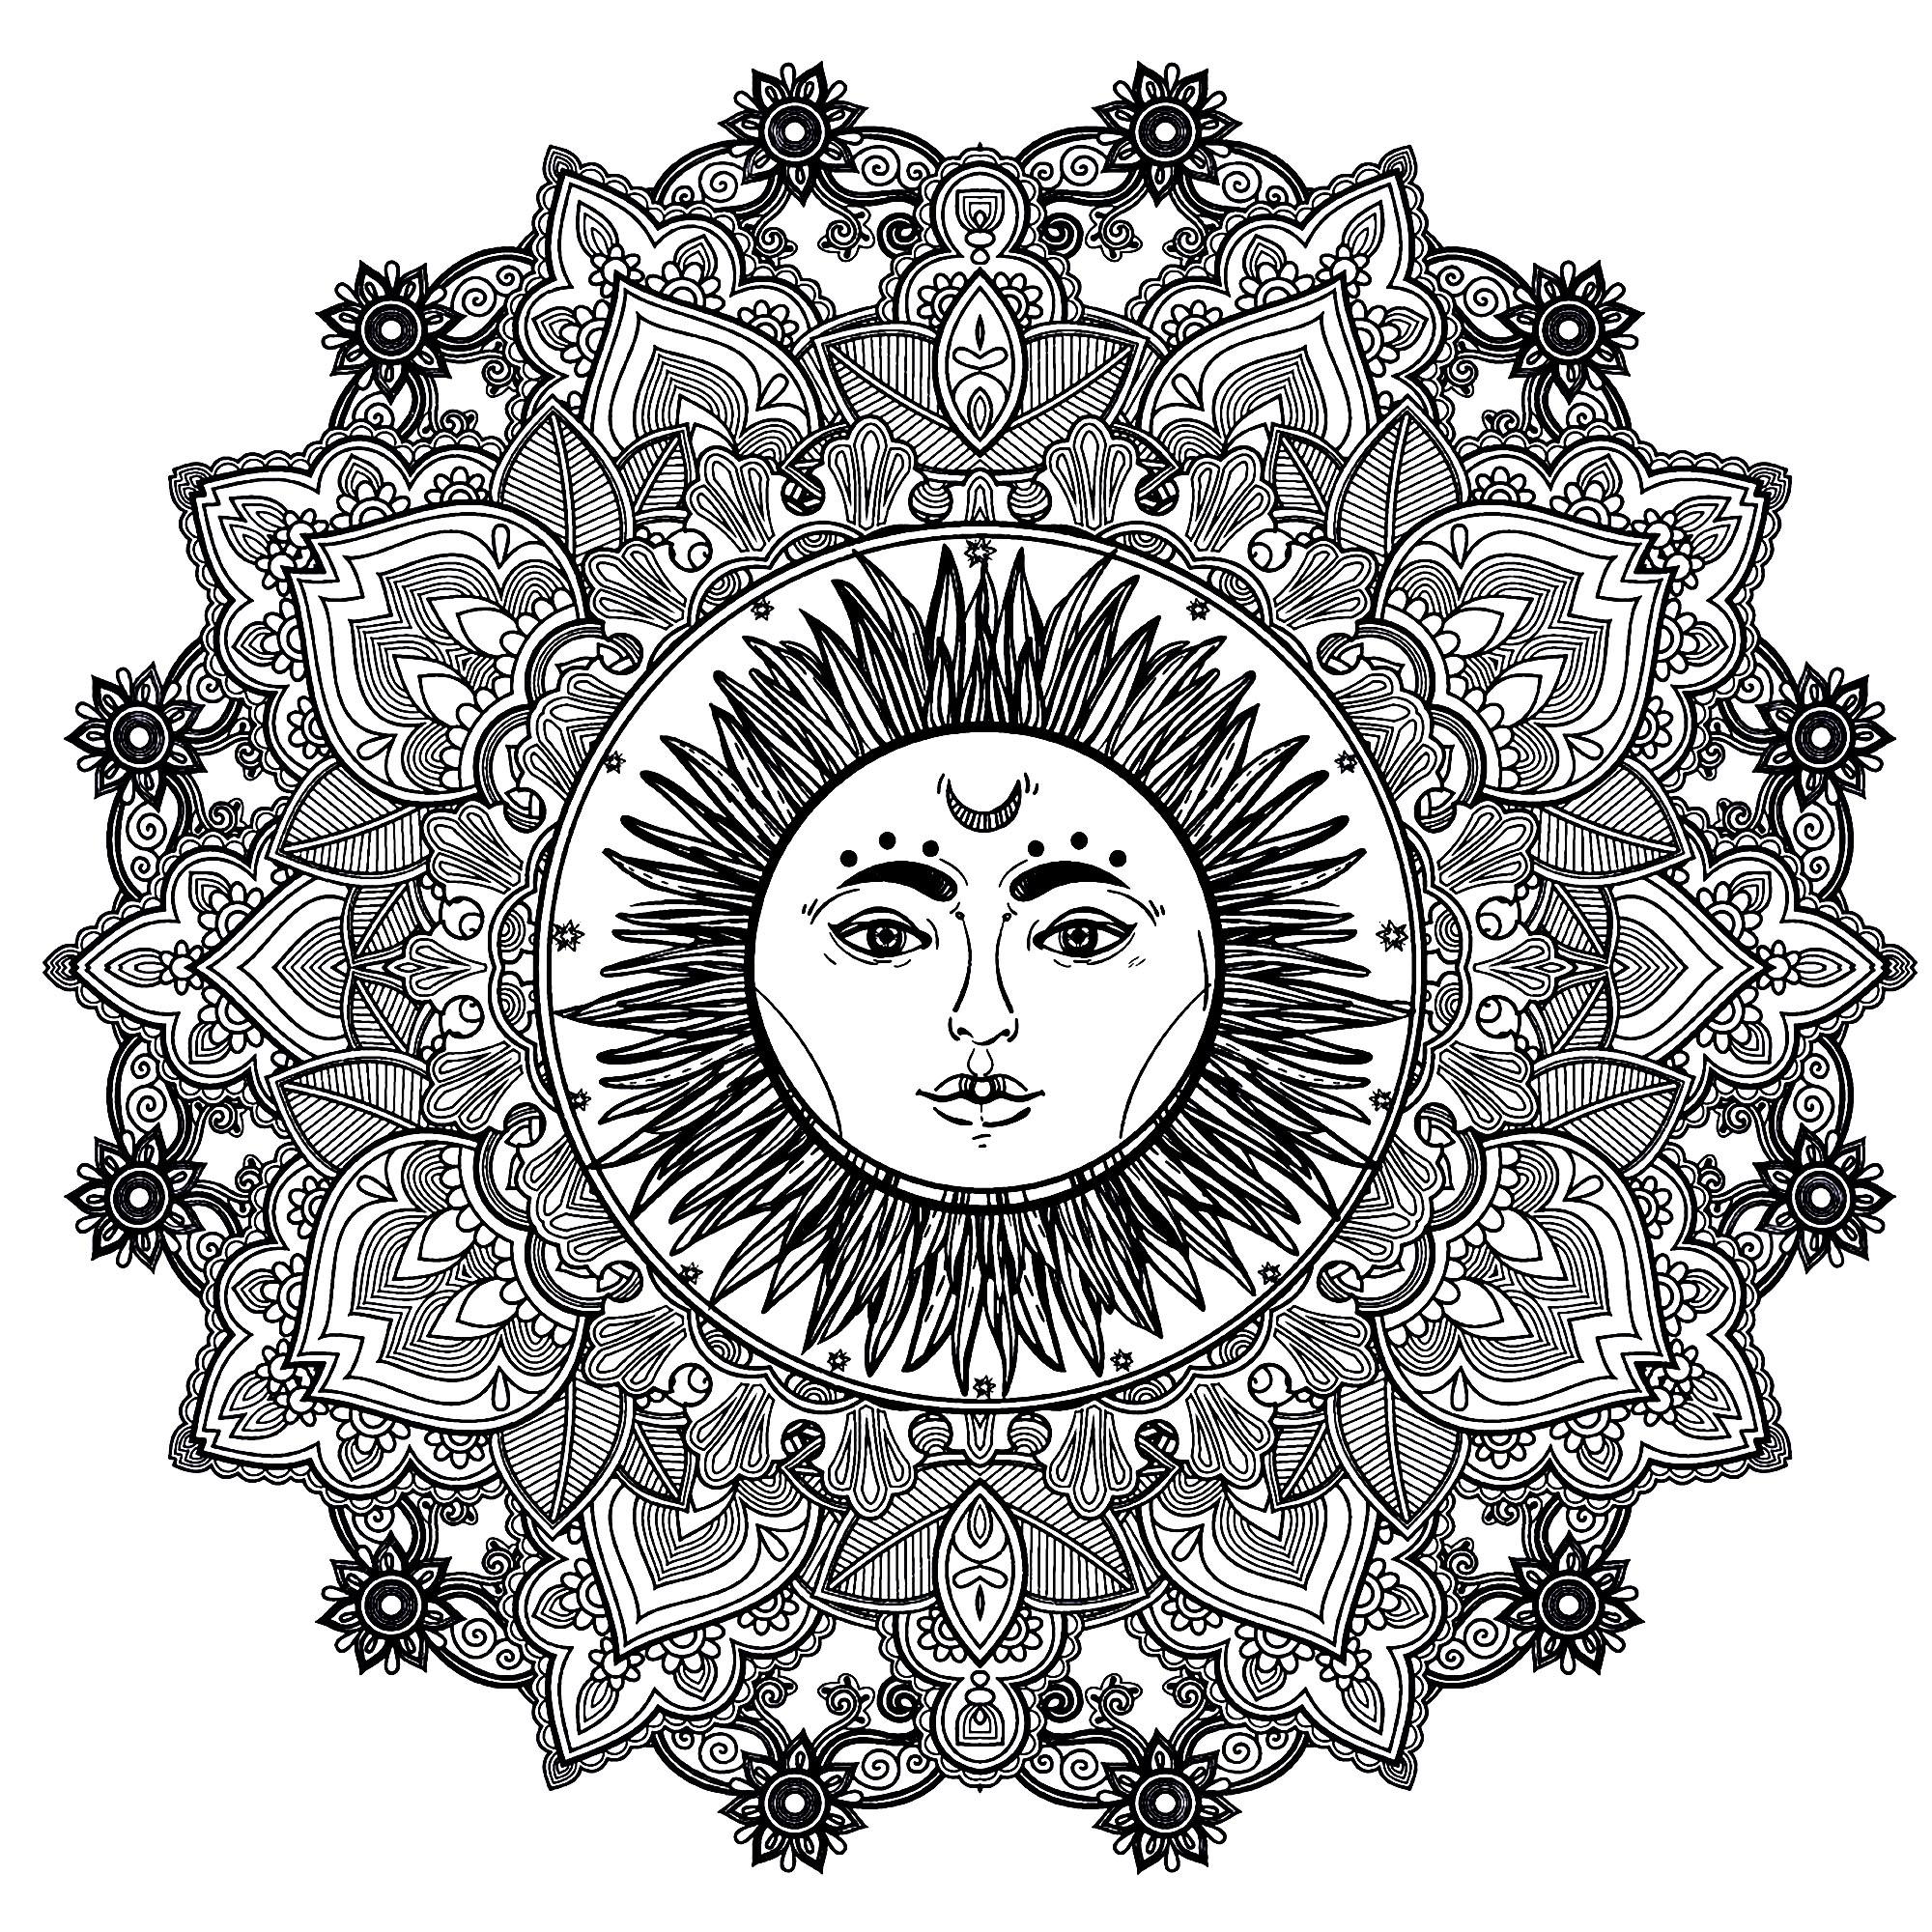 Beau Dessin A Colorier Mandala soleil